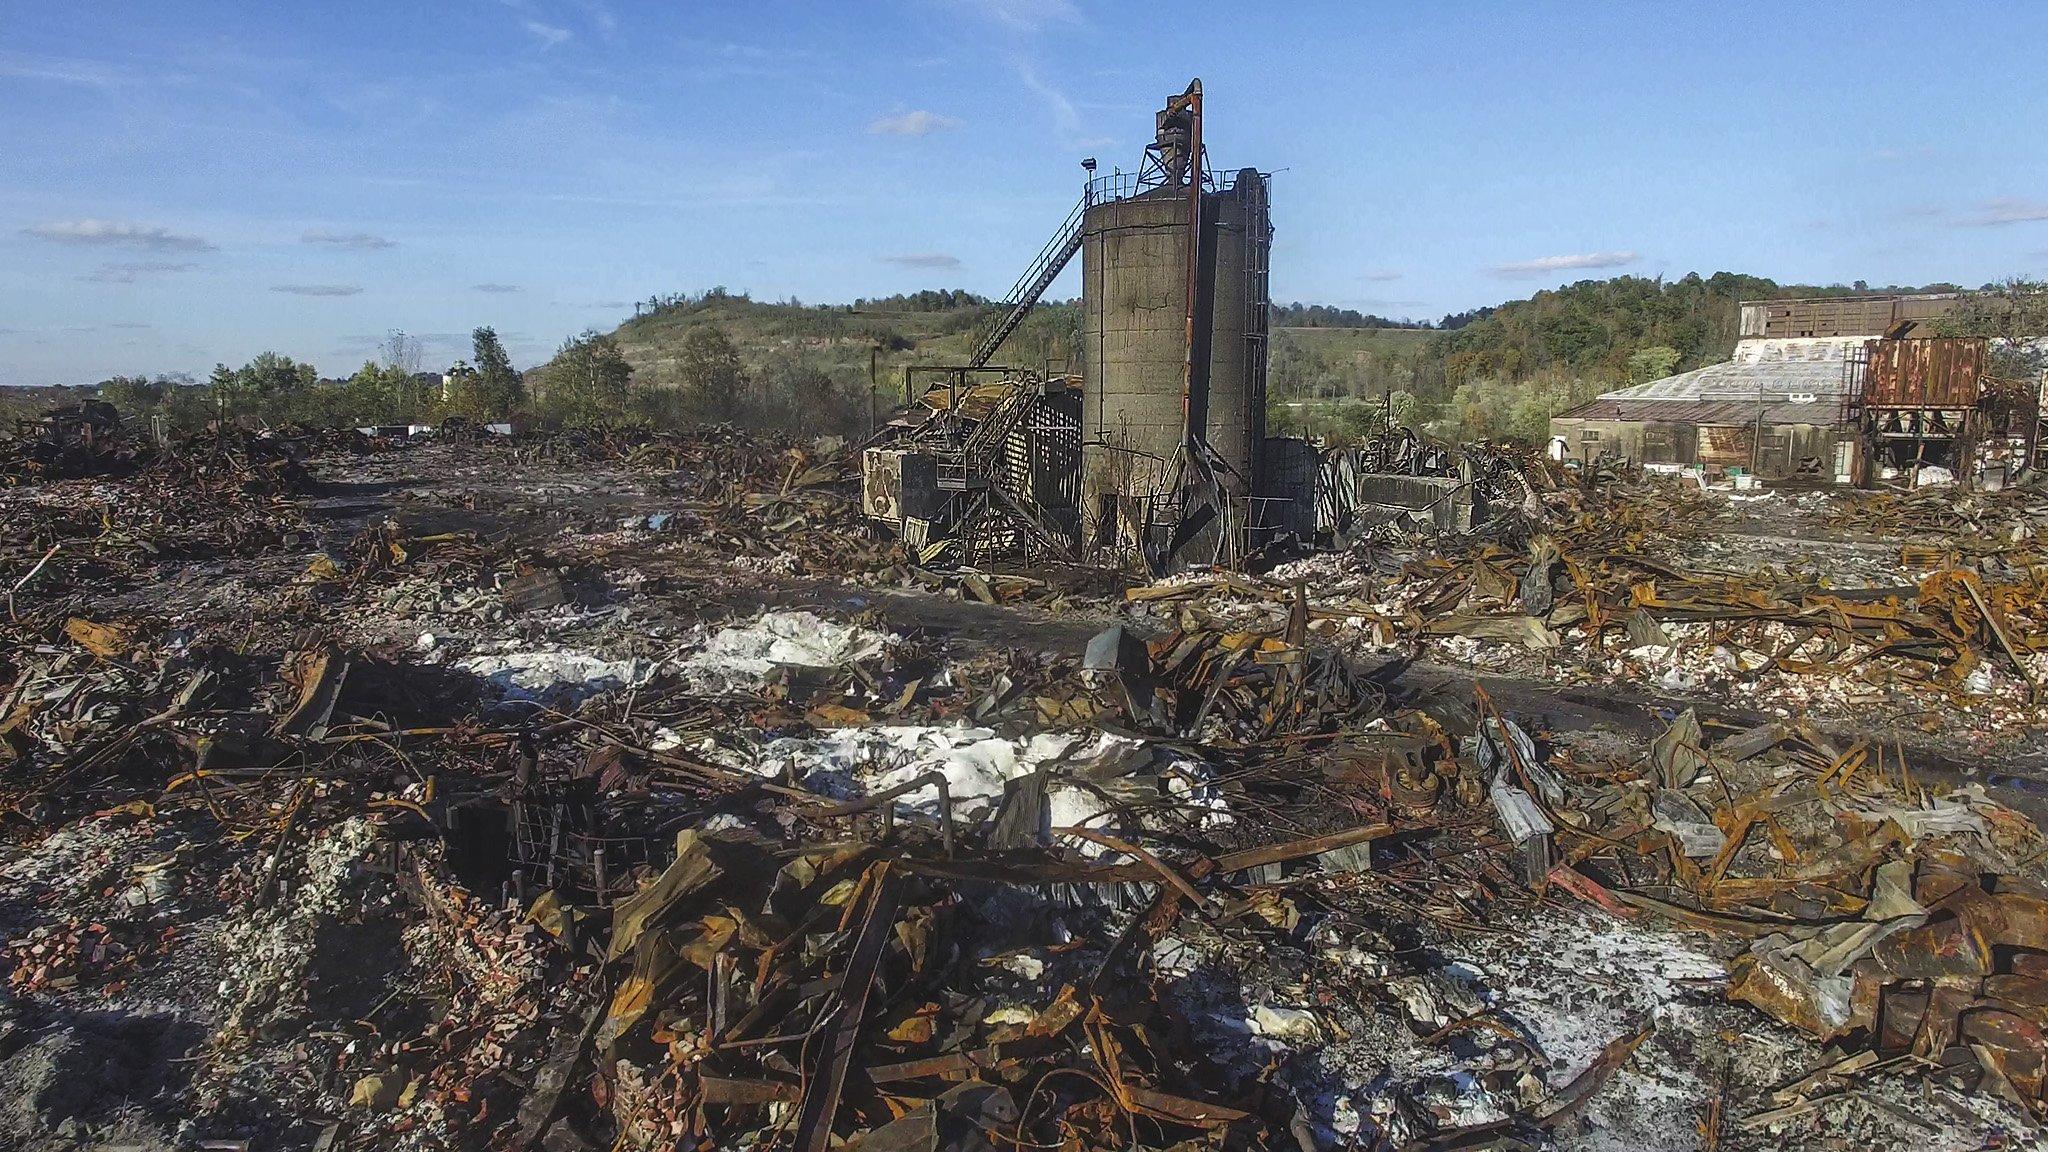 IEI Plastics Fire Aftermath - Parkersburg, WV